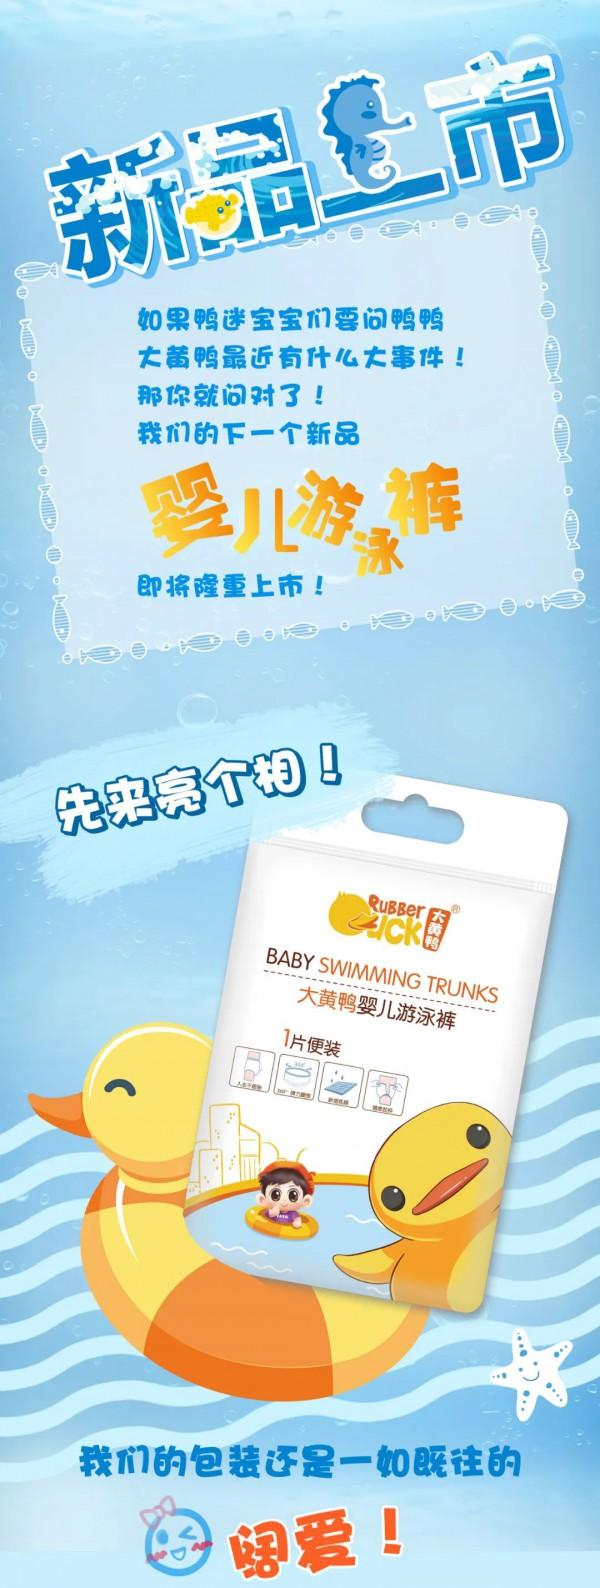 婴儿洗澡要穿纸尿裤吗 大黄鸭婴儿游泳裤预防交叉感染